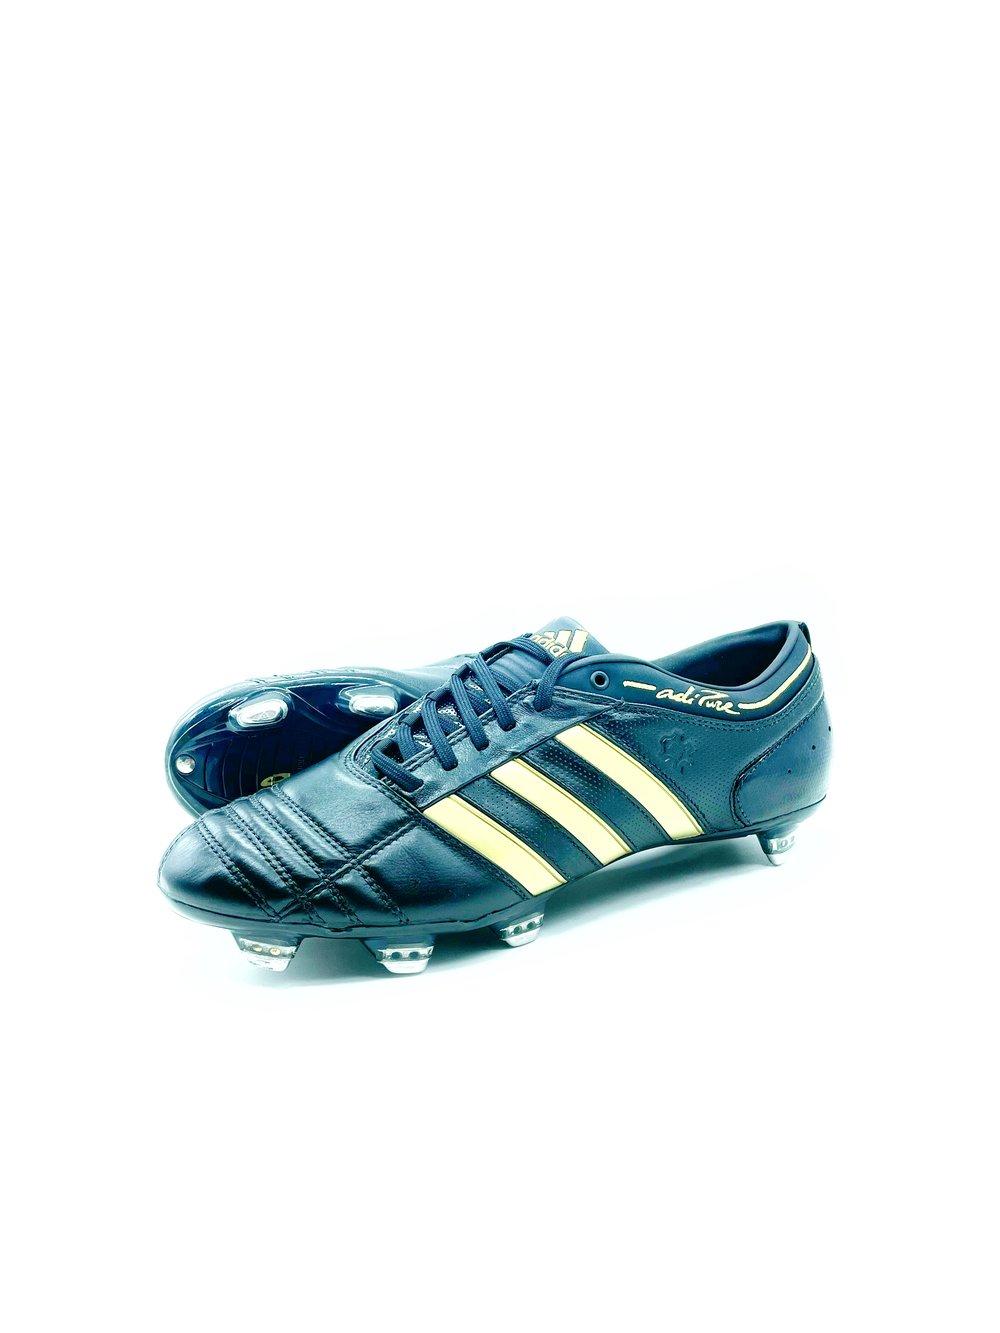 Image of Adidas adipure Gold Sg